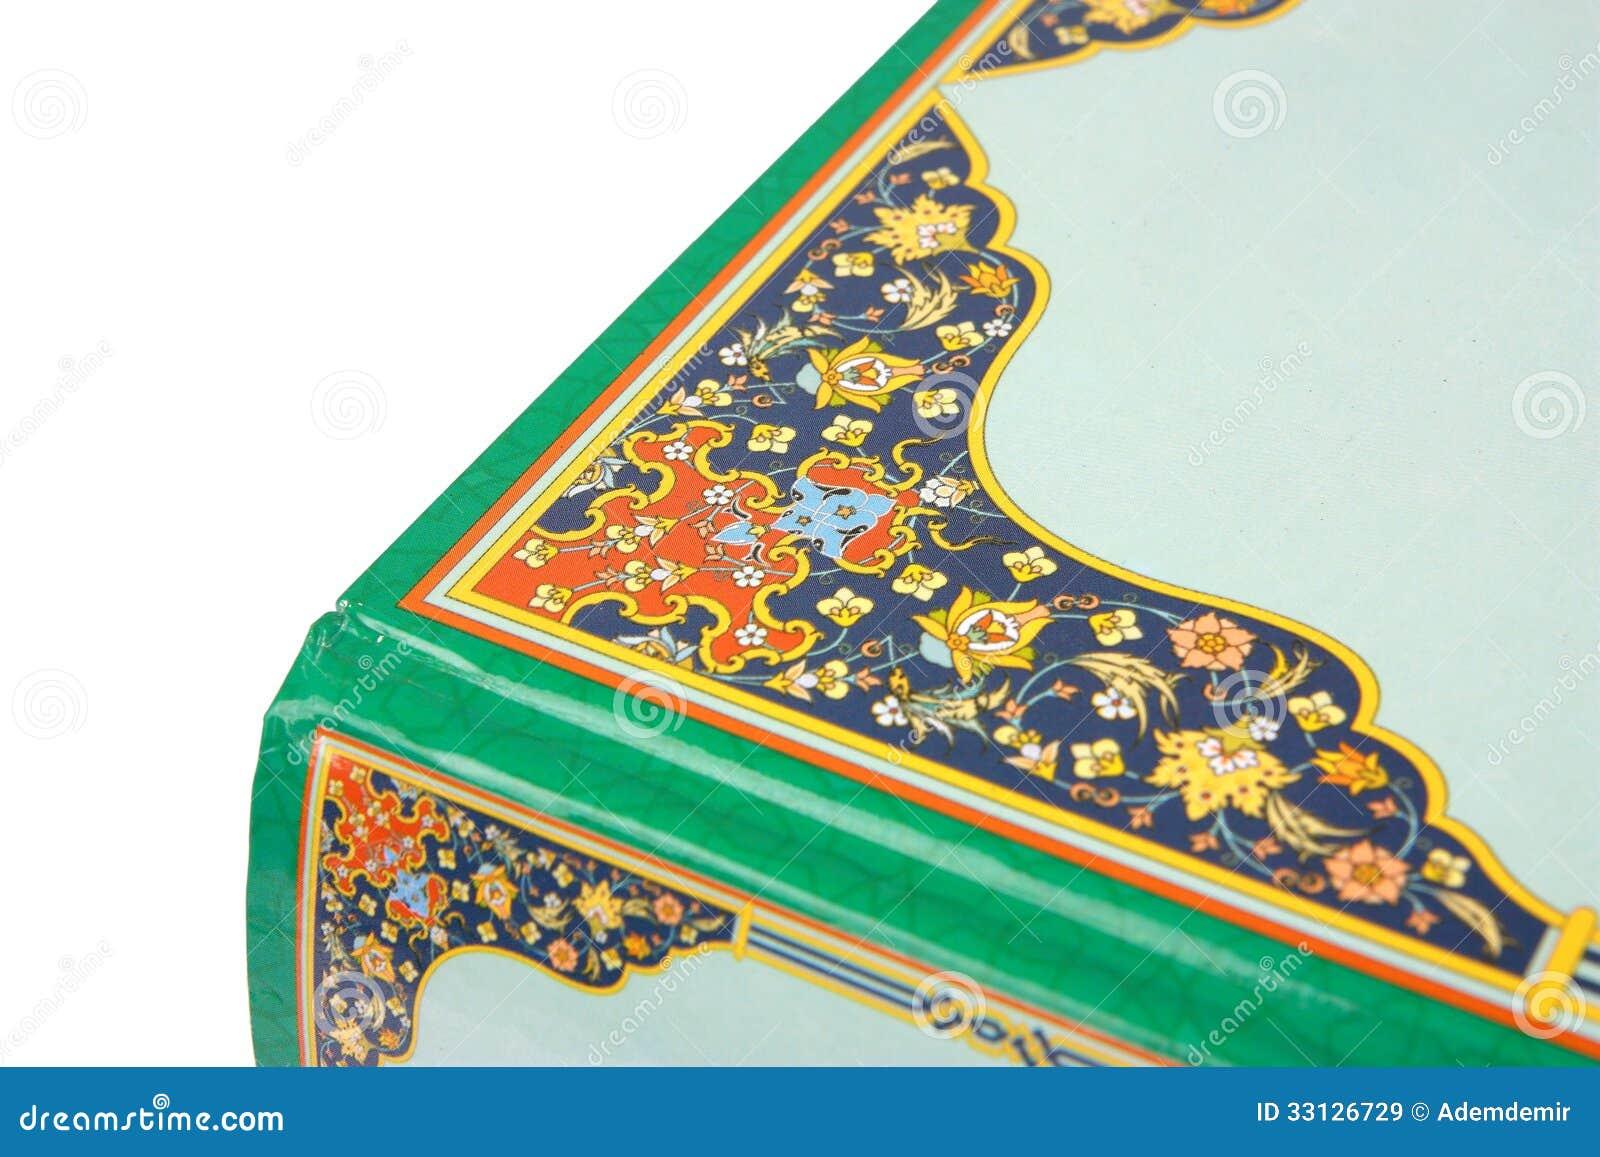 Book Cover Design Arabic ~ Islamic book cover ornament stock image